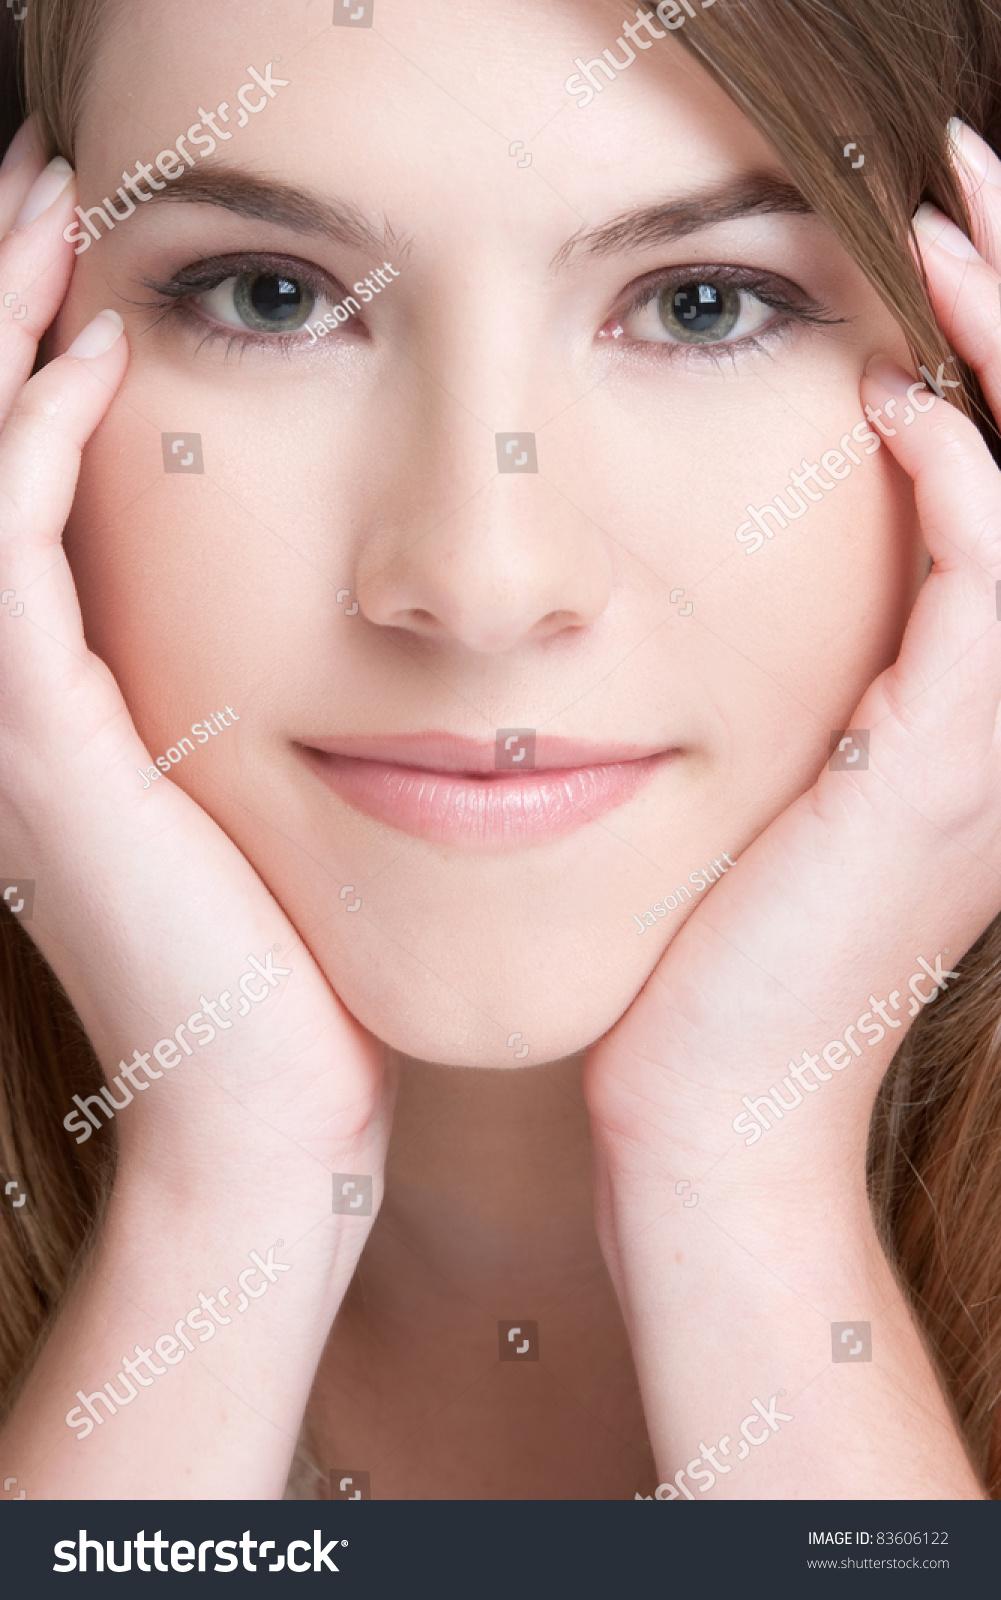 Фото красивого лица крупным планом 15 фотография